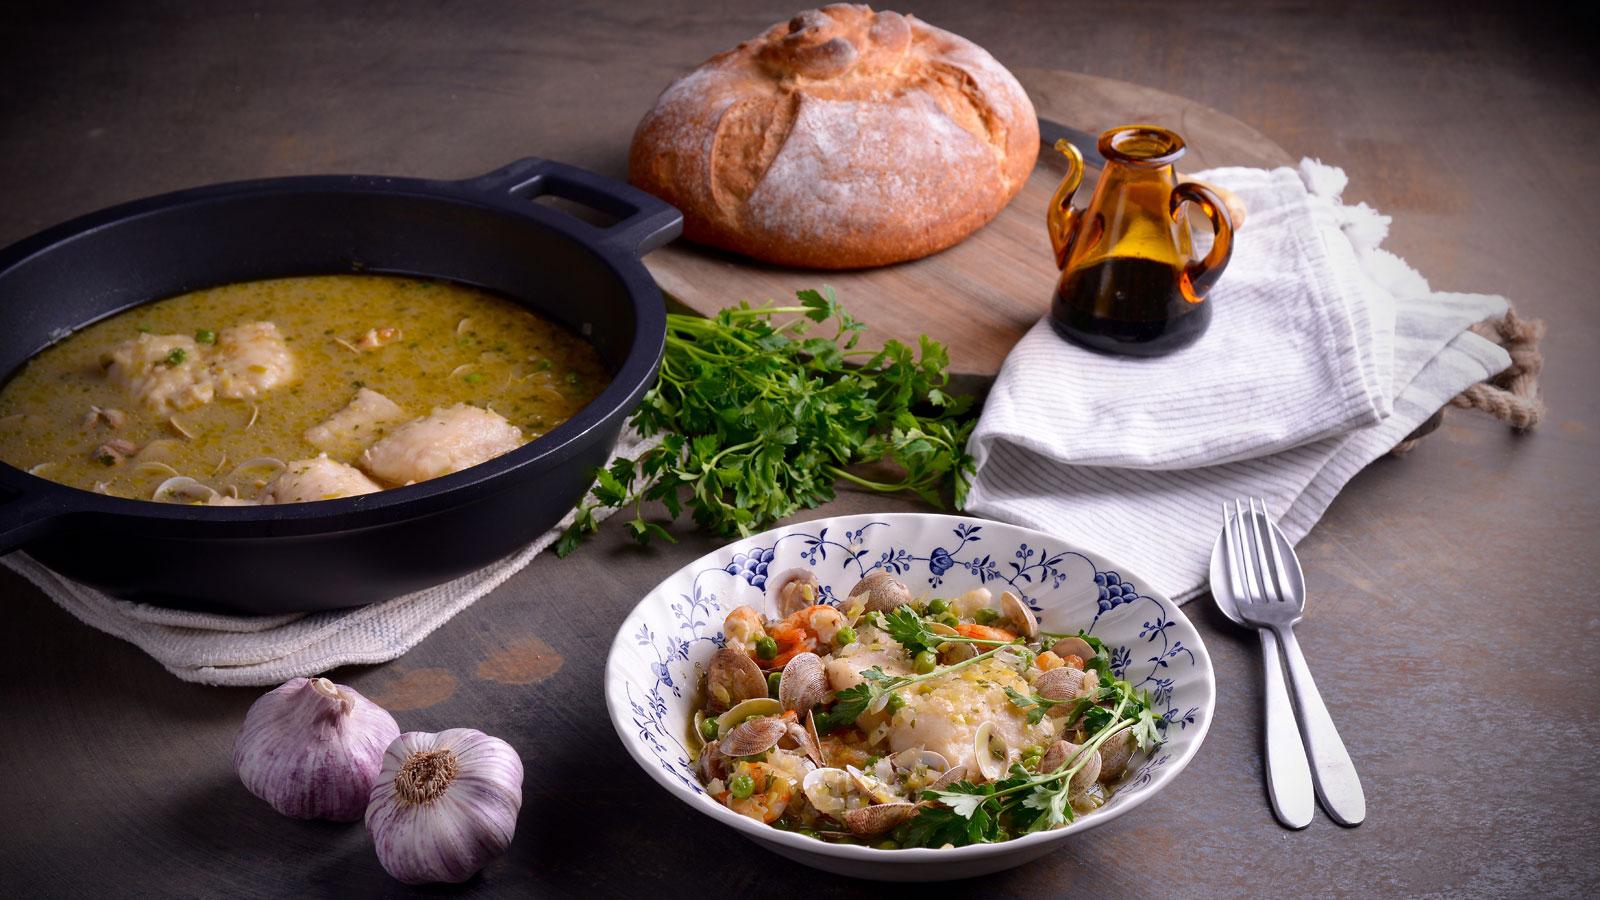 Merluza a la sidra con gambas y chirlas hermana mar a jos receta canal cocina - Divinos pucheros maria jose ...